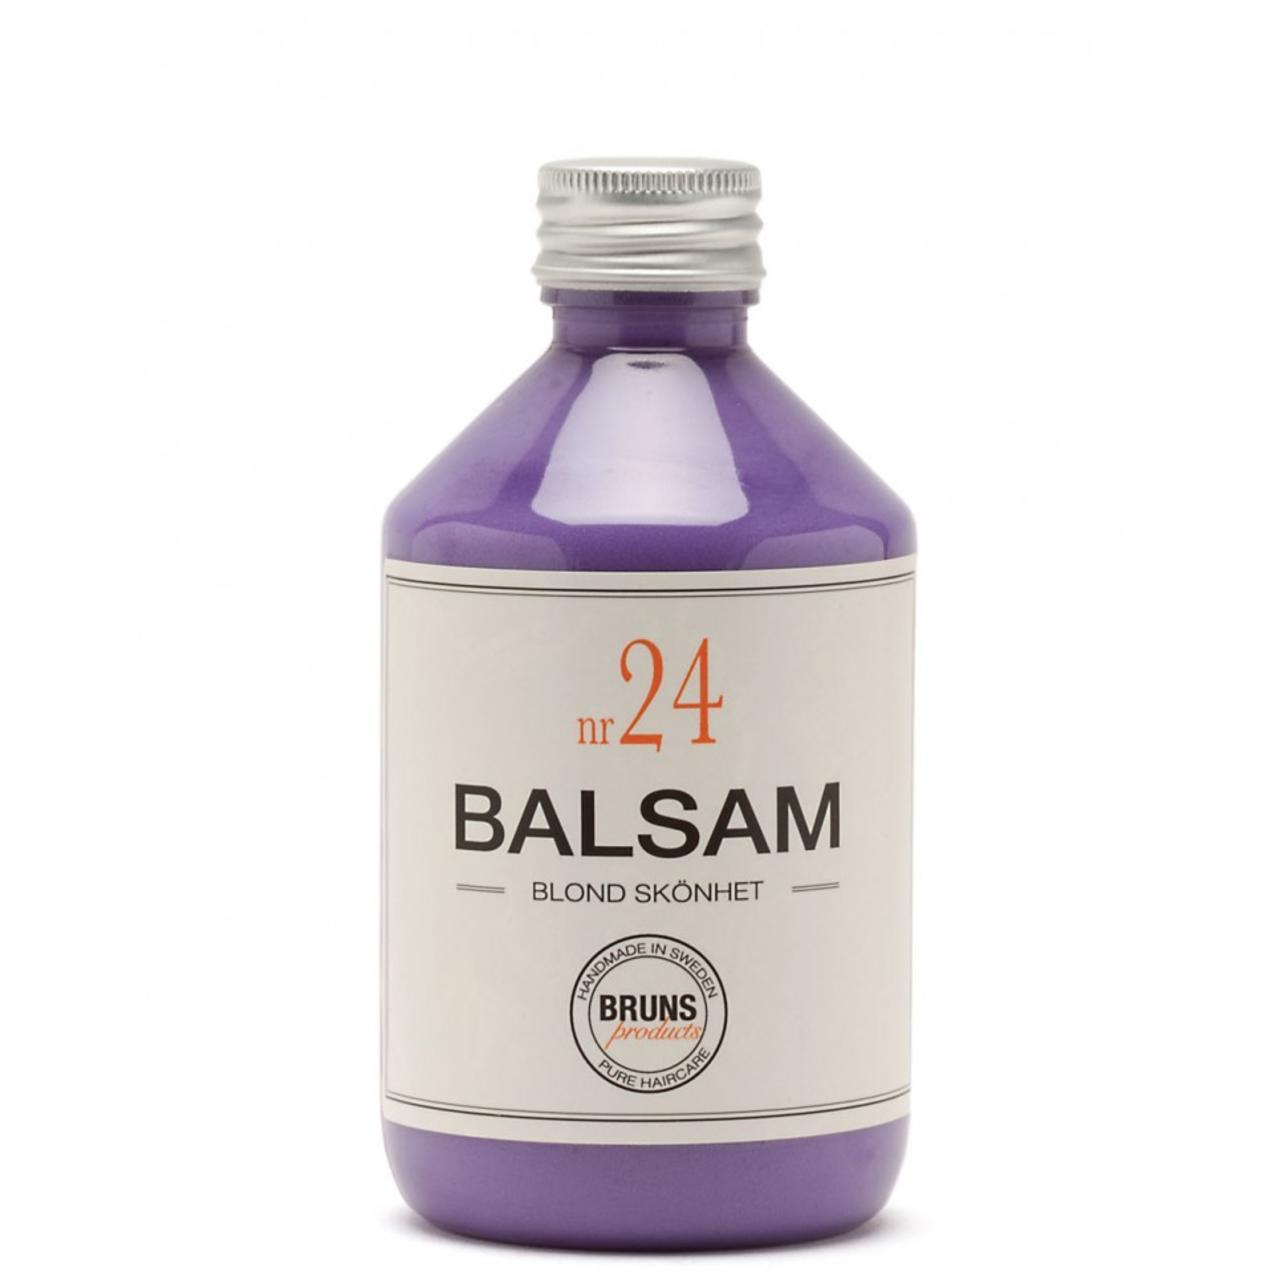 Bruns Blond Skönhet Balsam Nr. 24, 2.390 kr. / 7.590 …